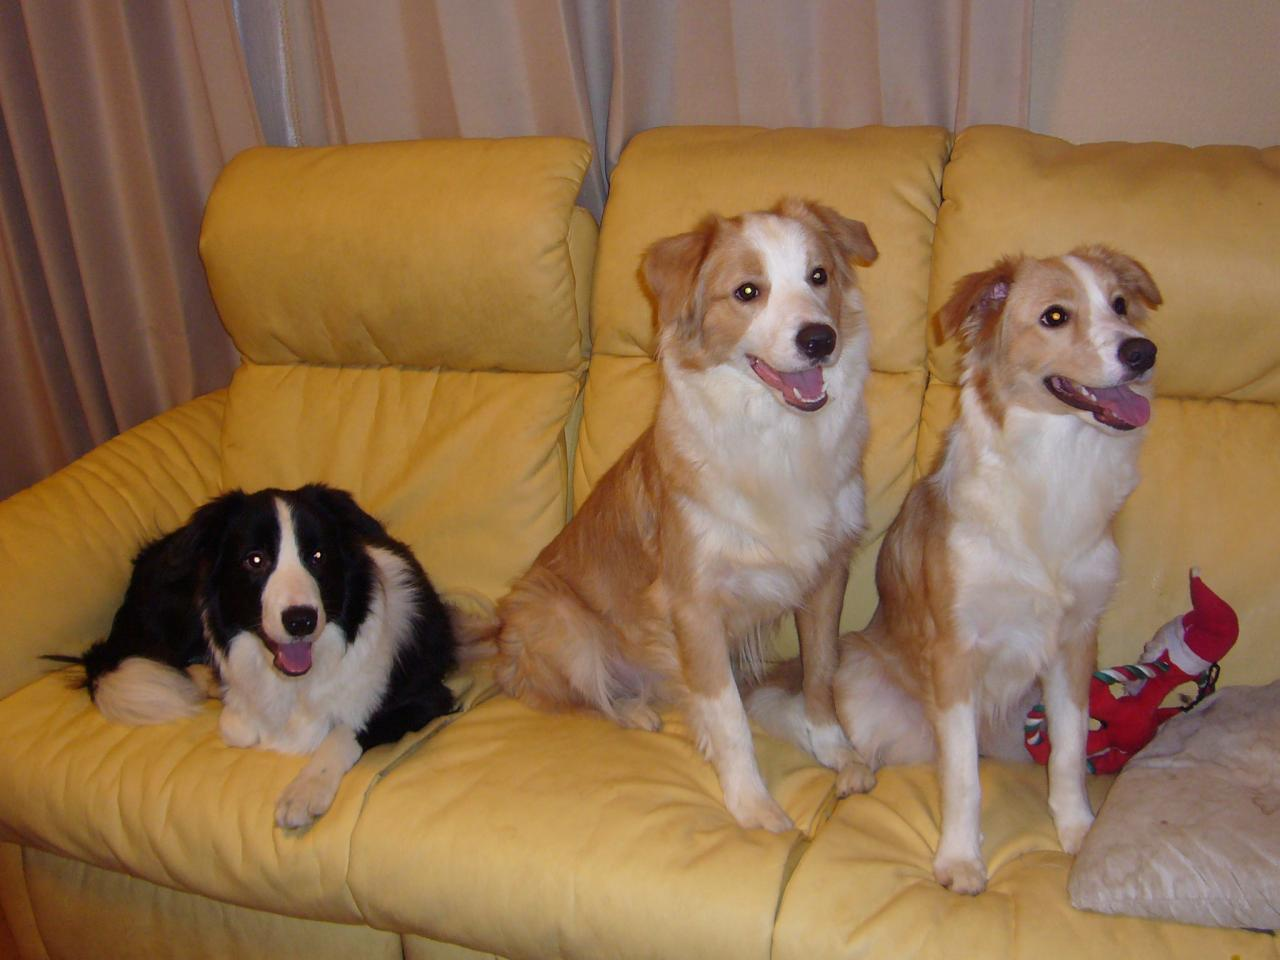 犬类如边牧、金毛、哈士奇、萨摩耶、比熊、大白熊、柯基犬,哪种相对好养? - 知乎